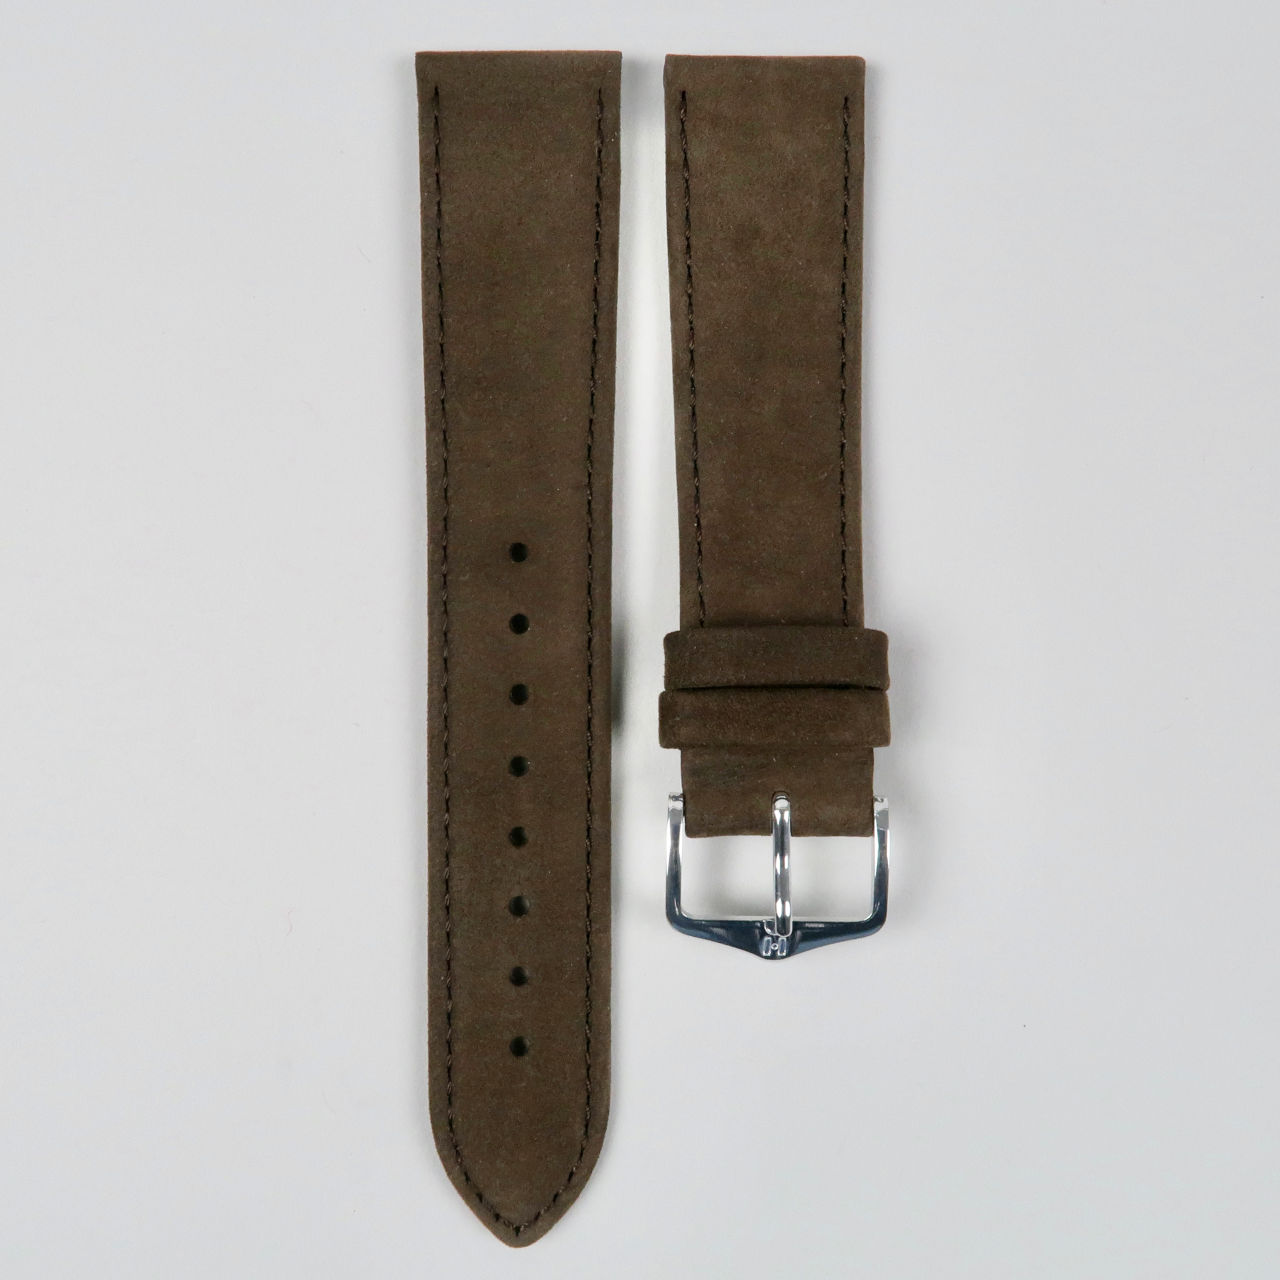 Hirsch Osiris Nubuk dark brown suede leather watch straps